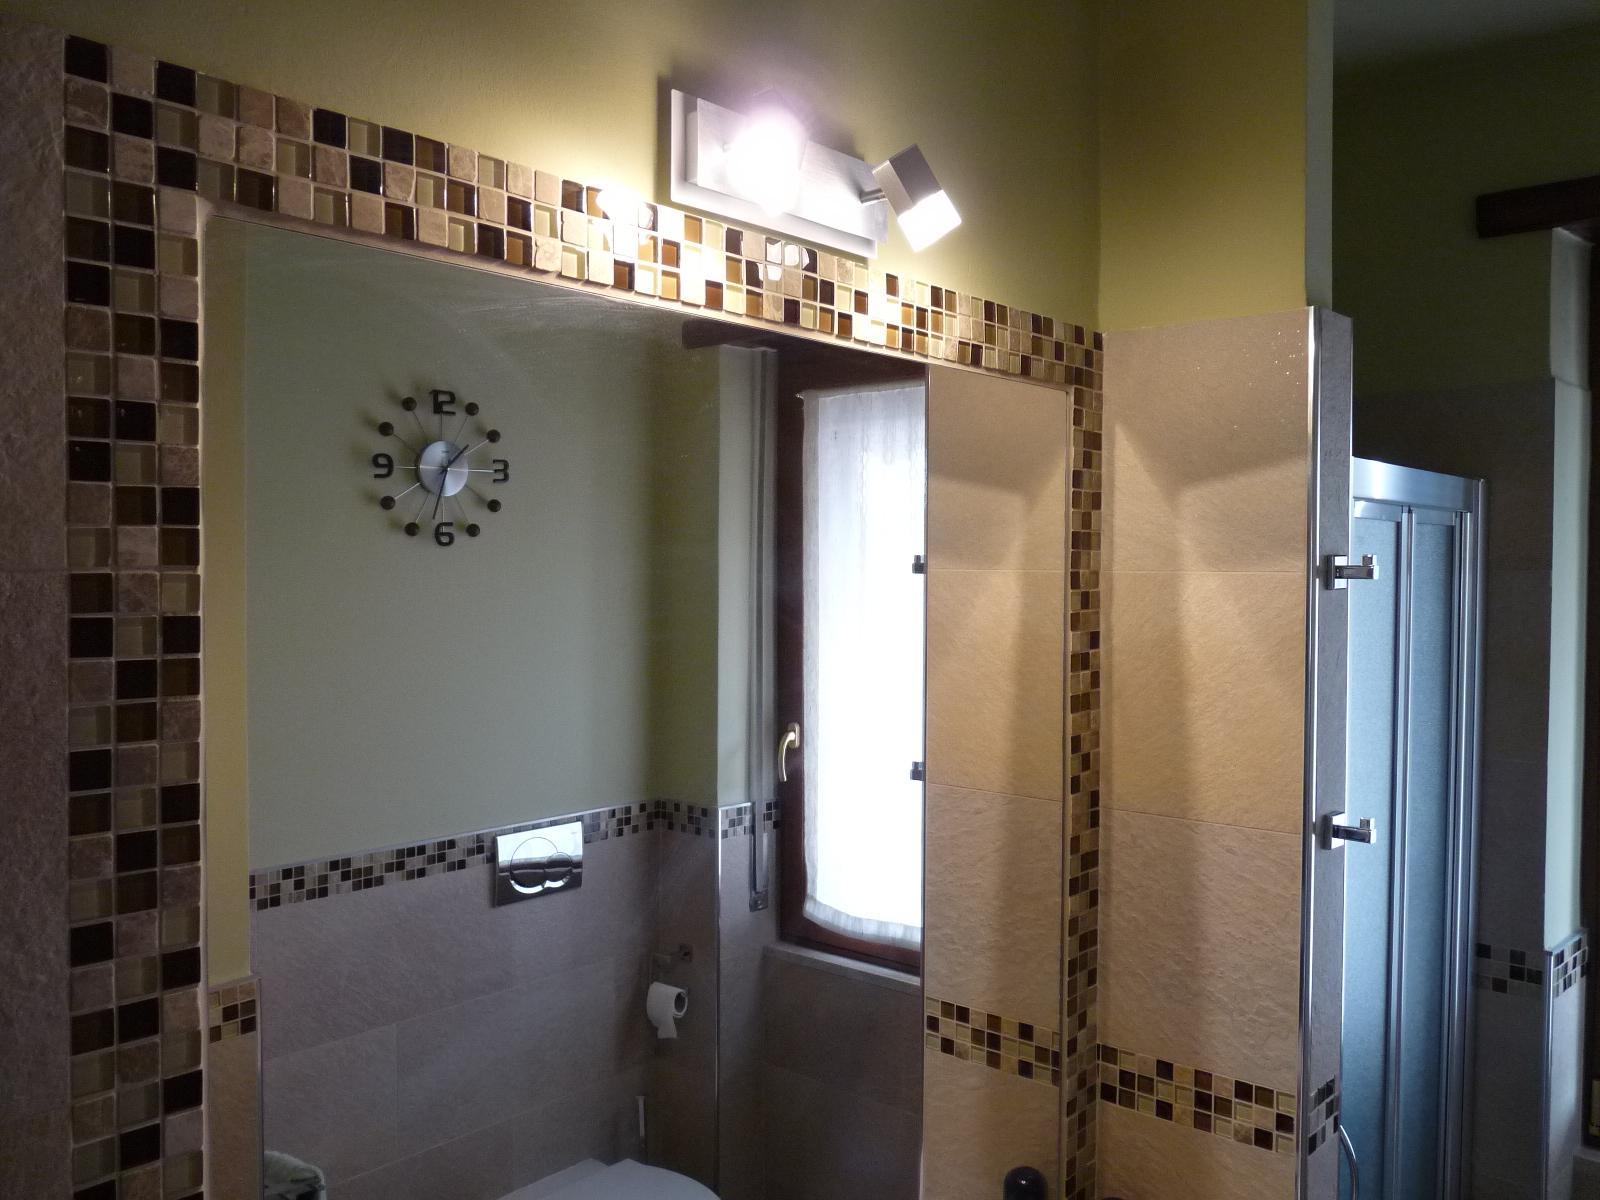 Programmi serali aifaicasa - Specchio bagno incassato ...